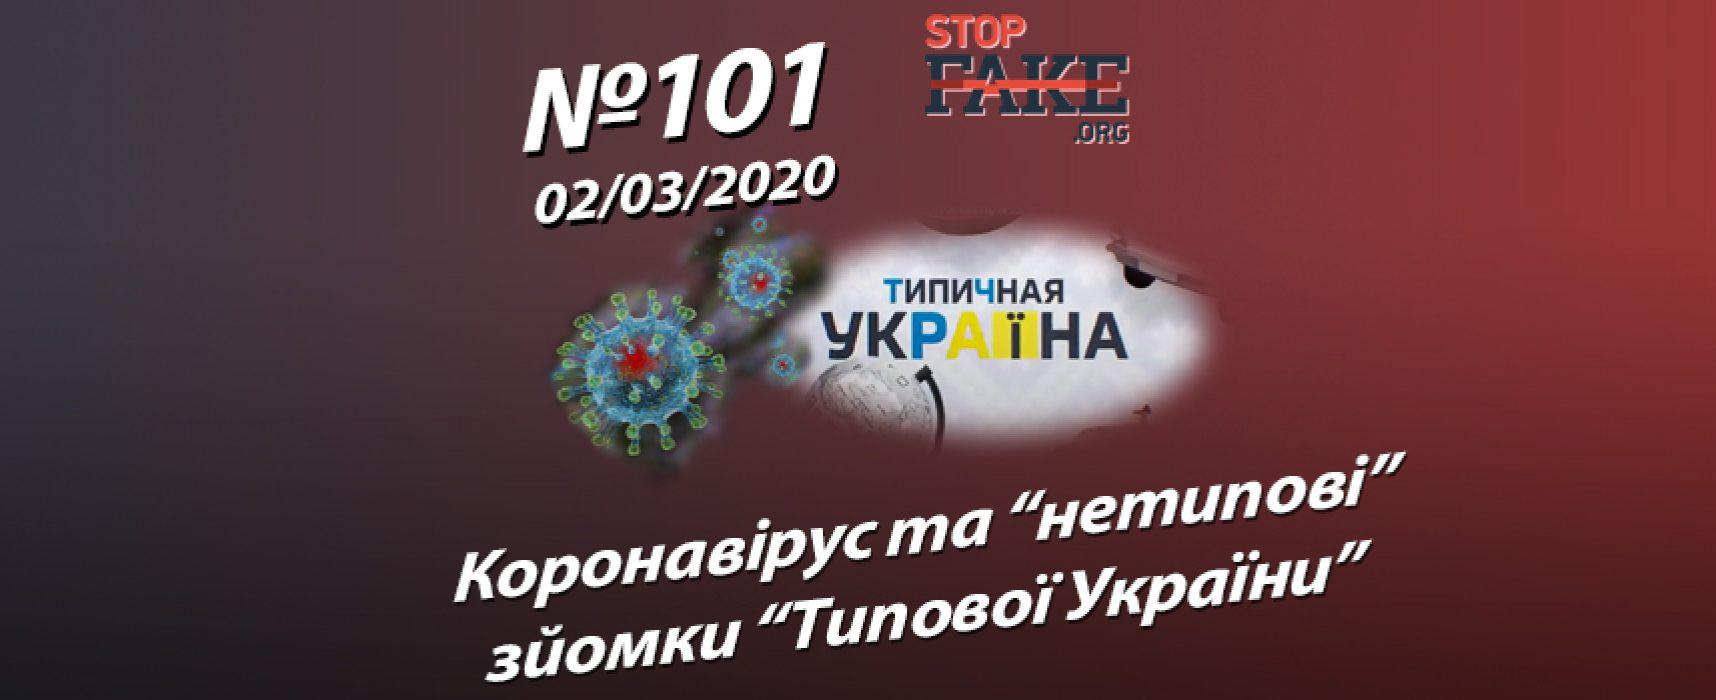 """Коронавірус та """"нетипові"""" зйомки """"Типової України"""" – StopFake.org"""